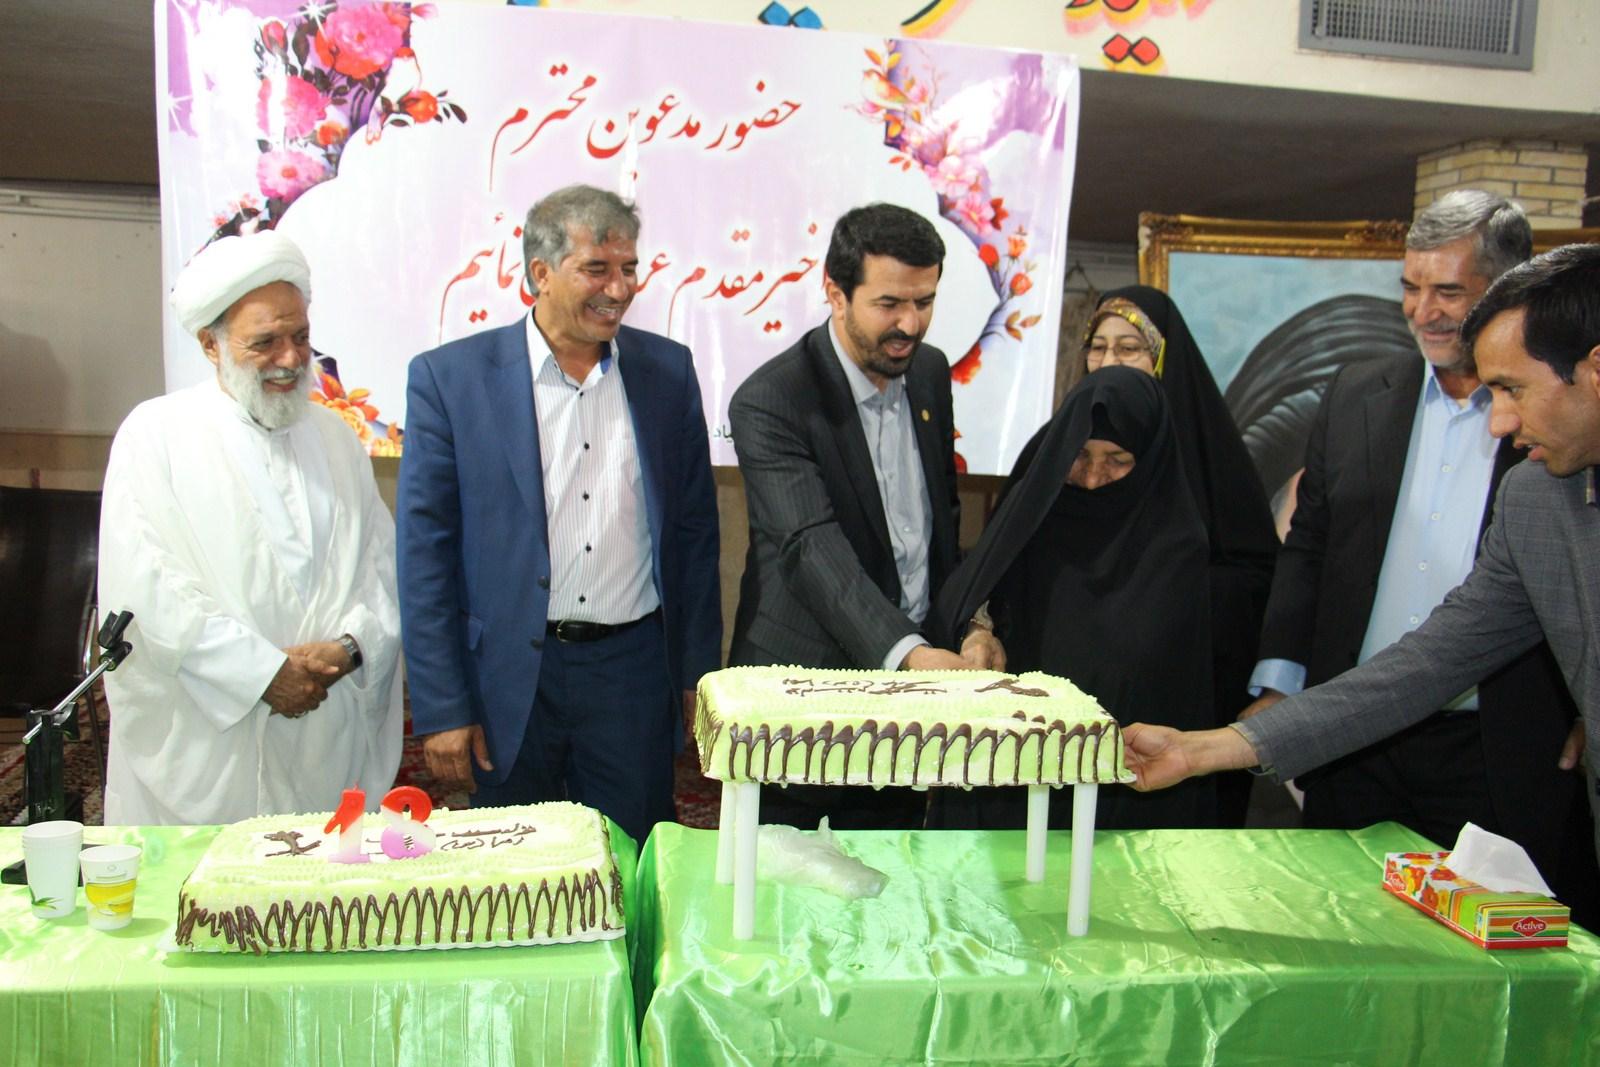 مراسم تجلیل از مادران و همسران شهداء در رفسنجان برگزار شد